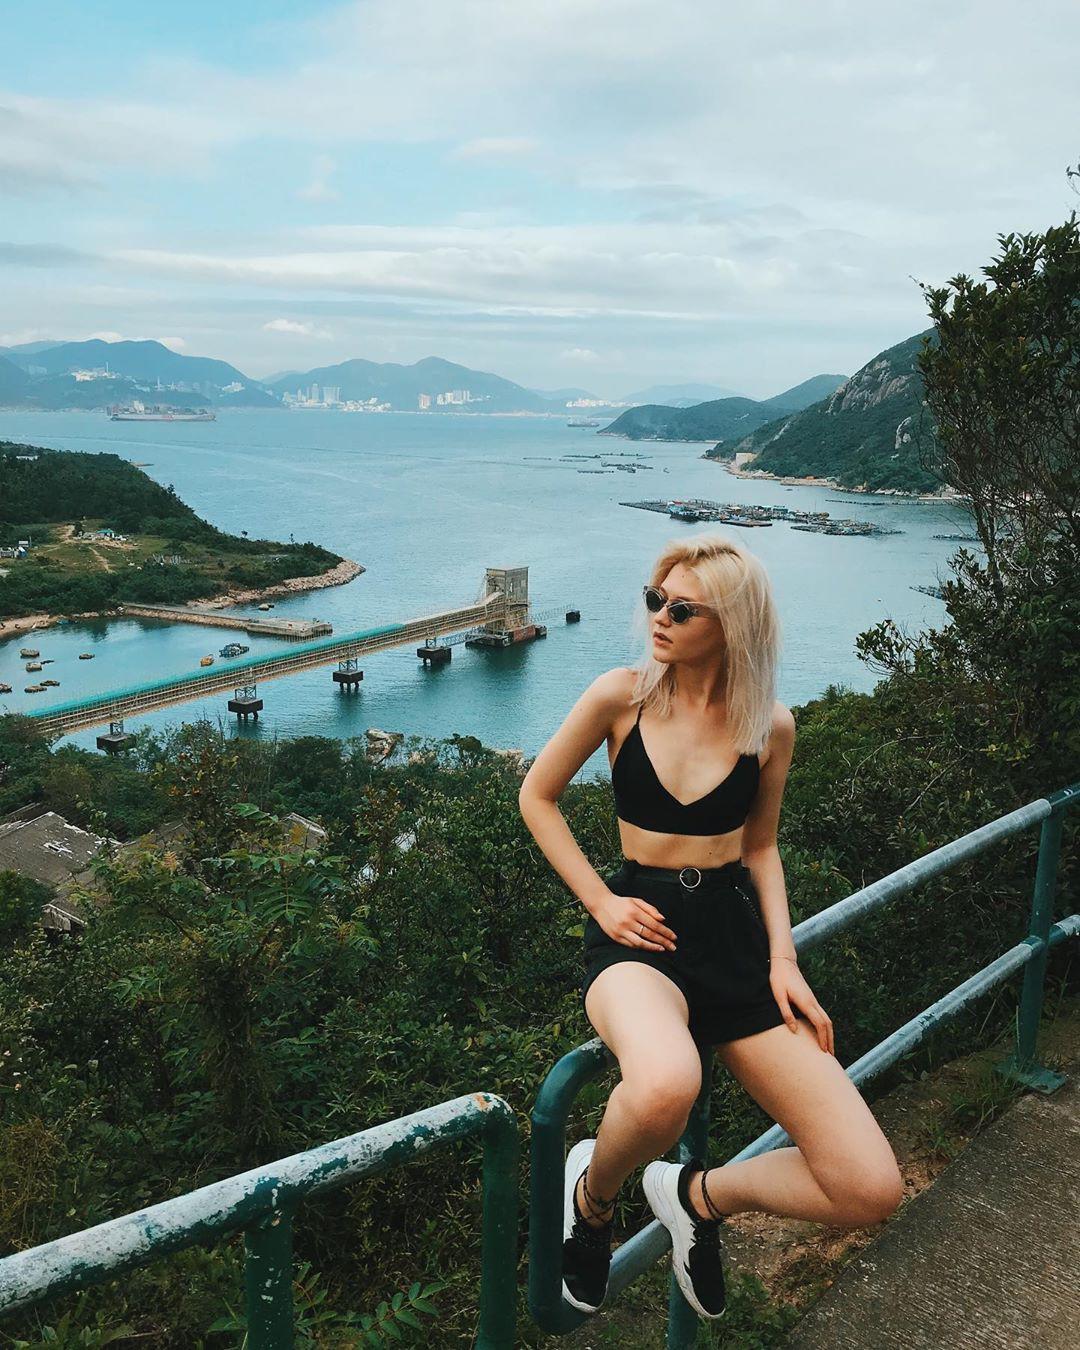 Bỏ túi ngay 8 điểm sống ảo nổi tiếng ở Hong Kong, vị trí thứ 2 hot đến nỗi còn lọt vào top được check-in nhiều nhất trên Instagram! - Ảnh 35.